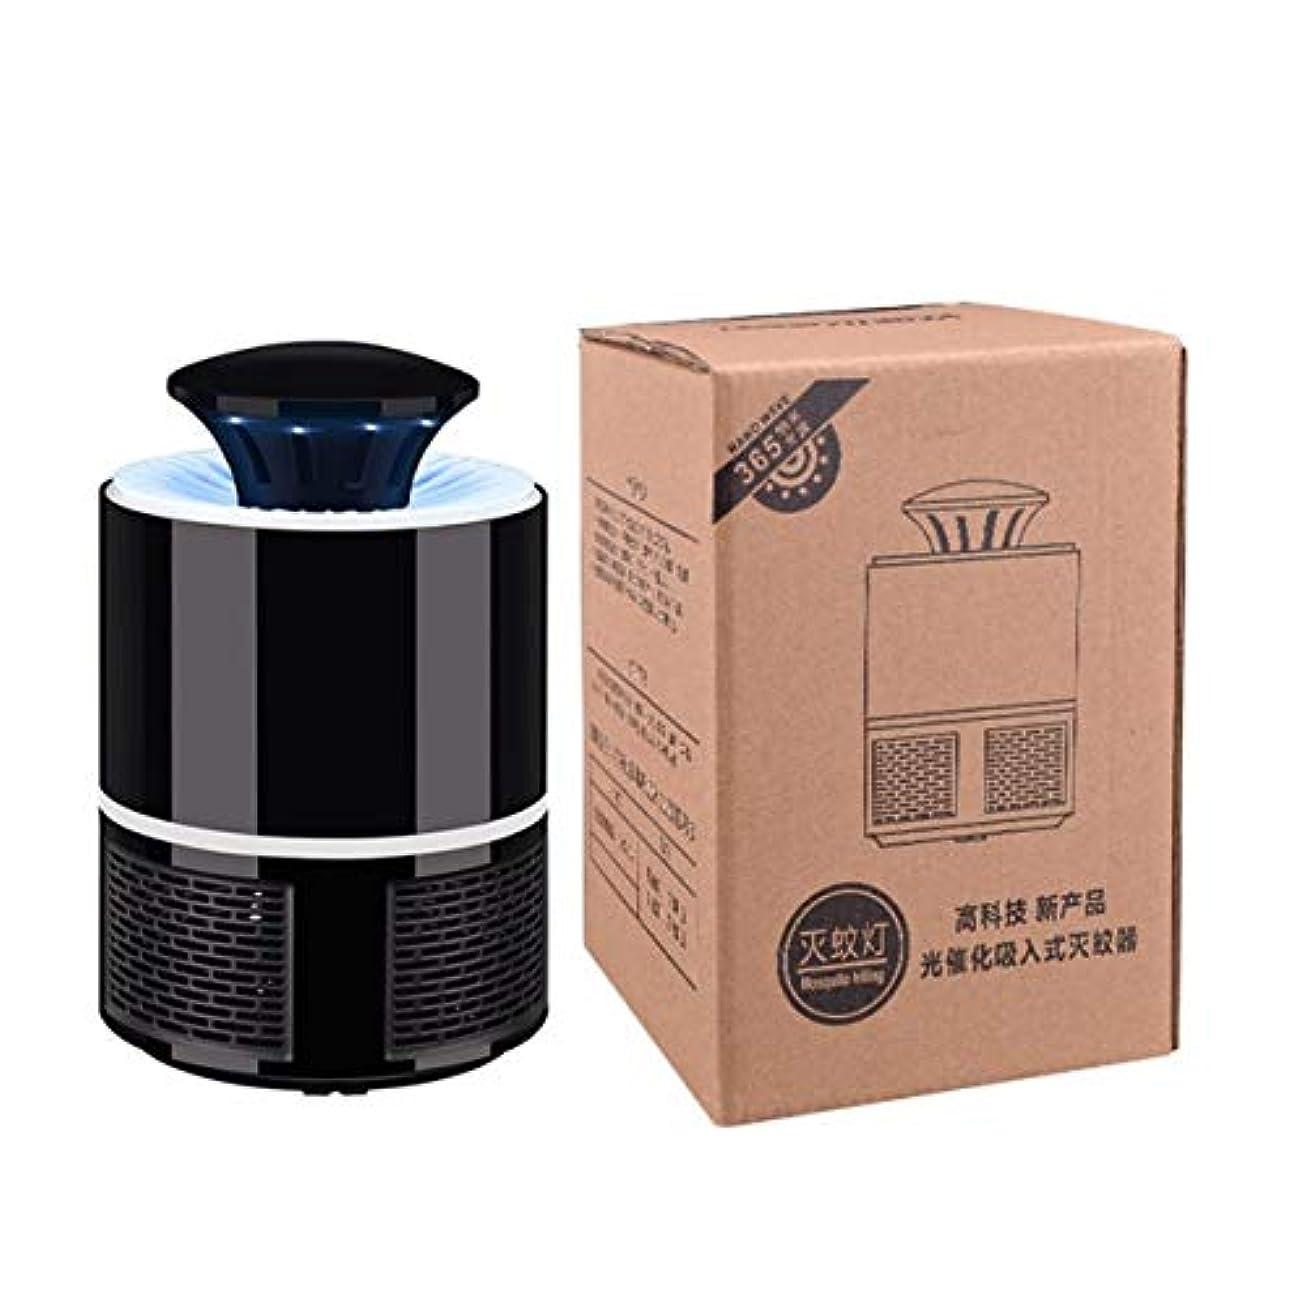 ピルシェトランド諸島マージSaikogoods 吸引ファンを備えた電子モスキートキラー 光触媒の光 バグ昆虫キャッチャー USB電源 非放射線モスキートトラップ 黒